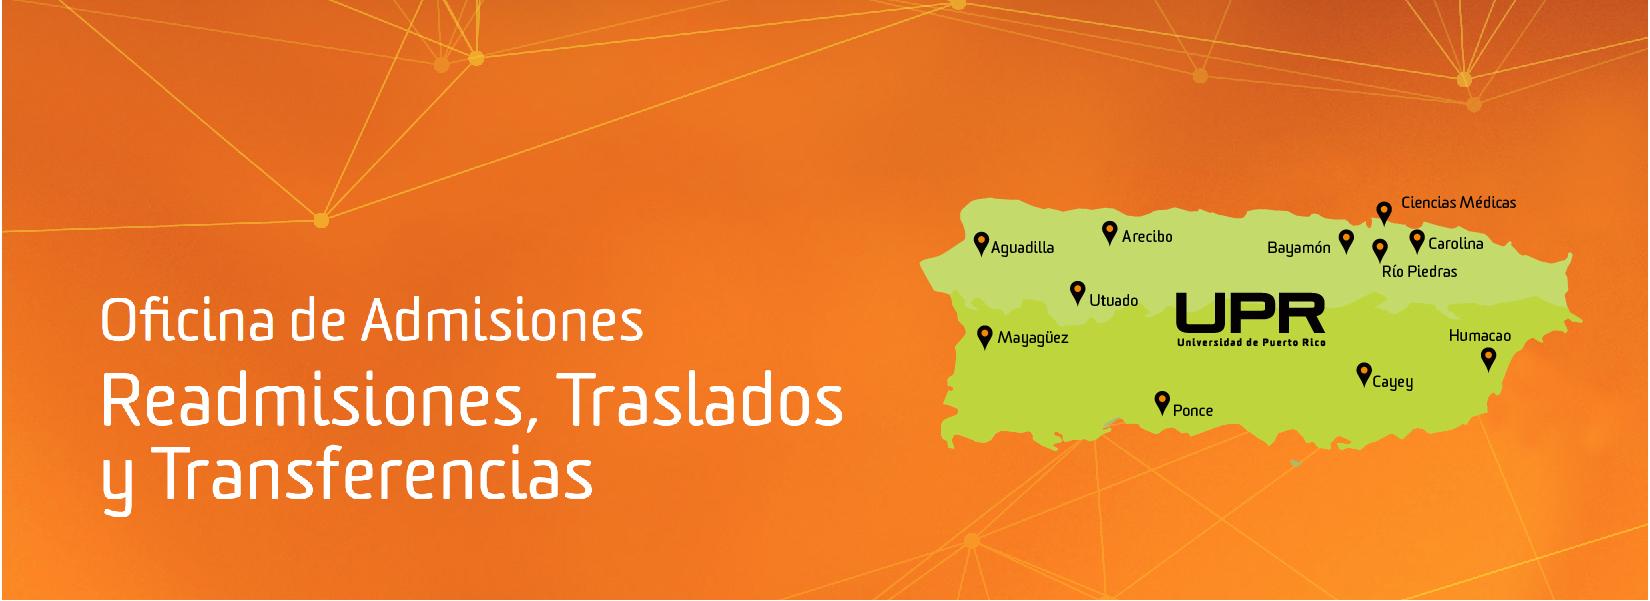 Mapa traslados admisiones 2